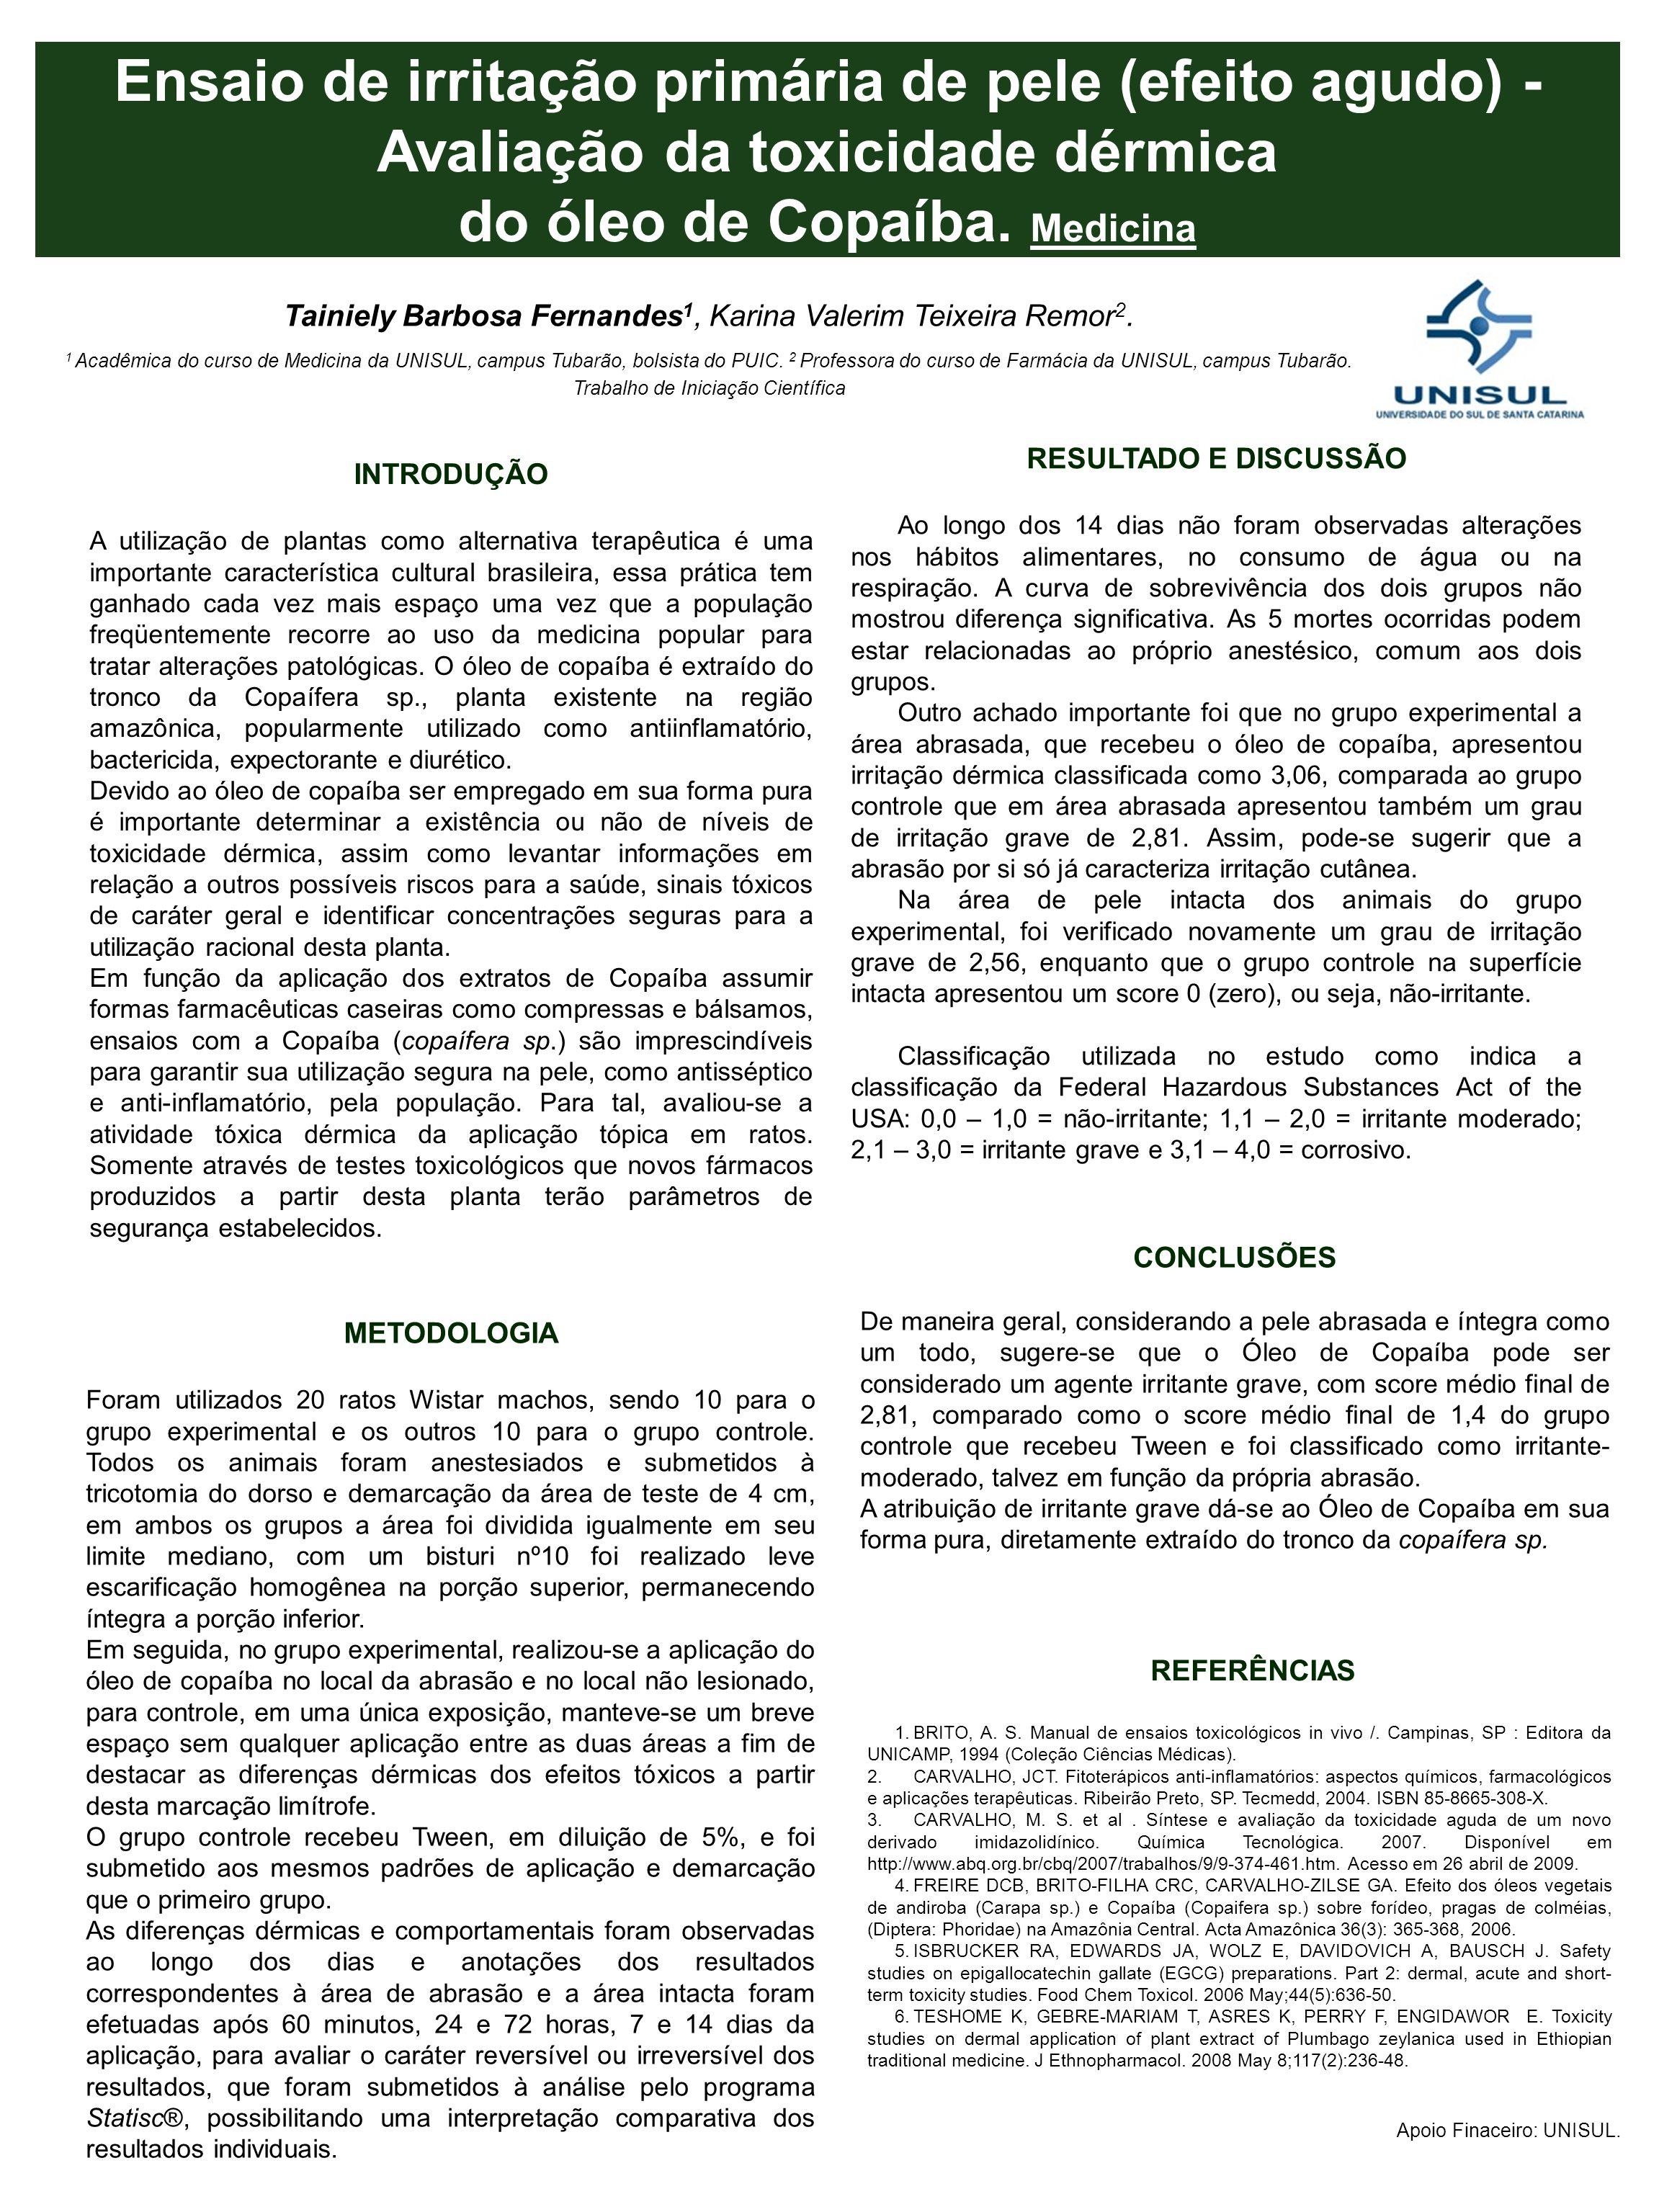 Ensaio de irritação primária de pele (efeito agudo) - Avaliação da toxicidade dérmica do óleo de Copaíba. Medicina Tainiely Barbosa Fernandes 1, Karin